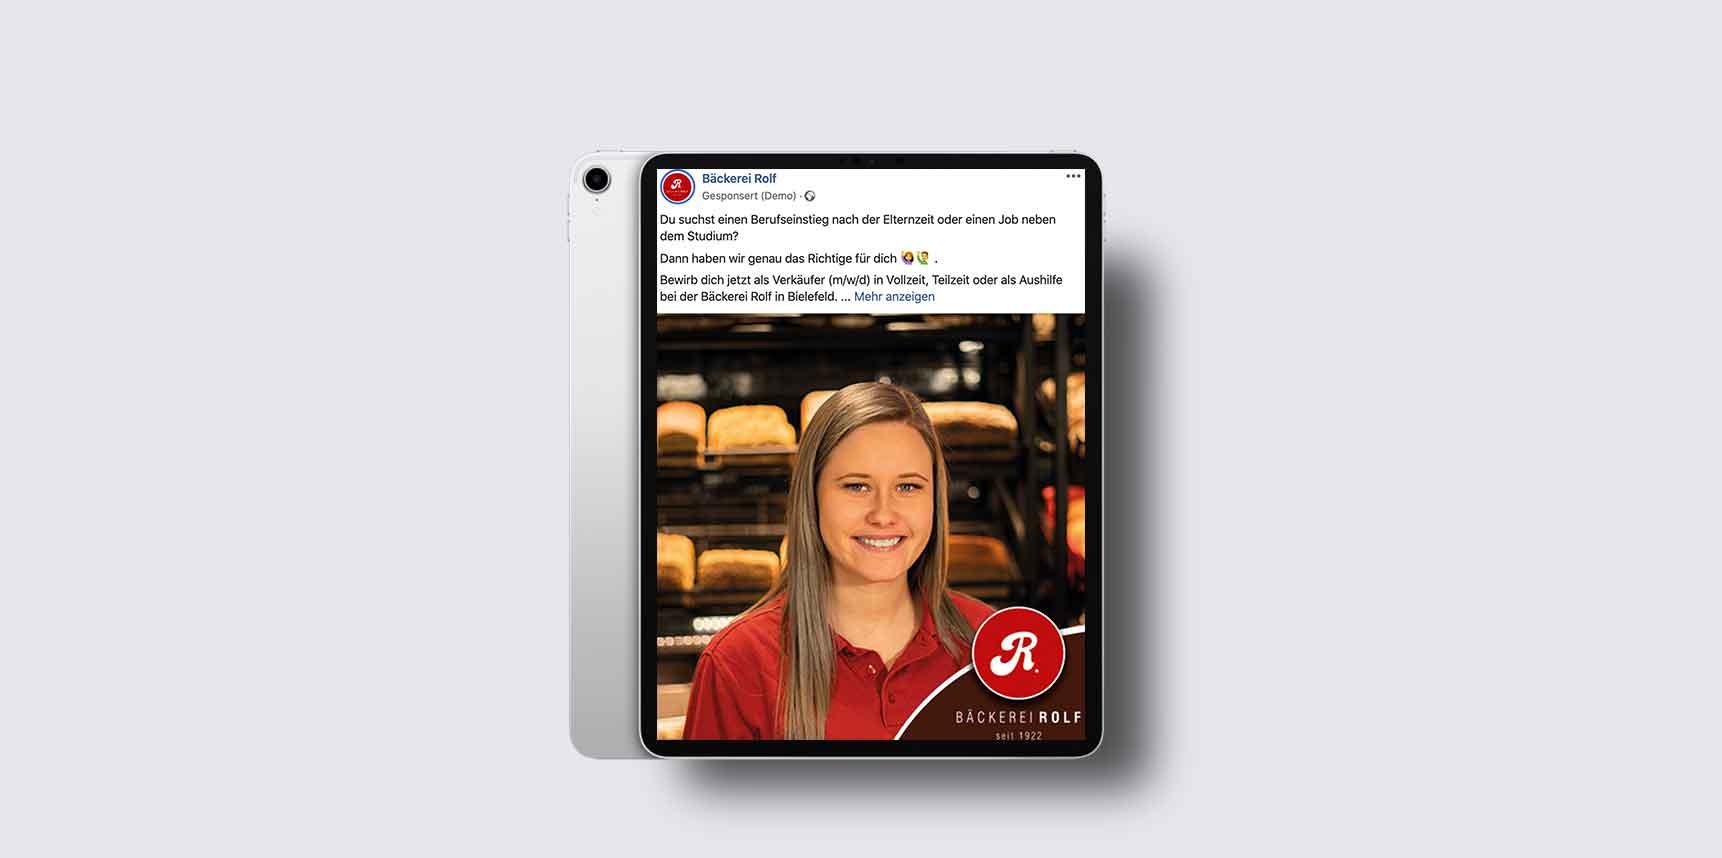 iPad Pro Mockup mit Facebook-Werbeanzeige der Bäckerei Rolf für die Personalsuche